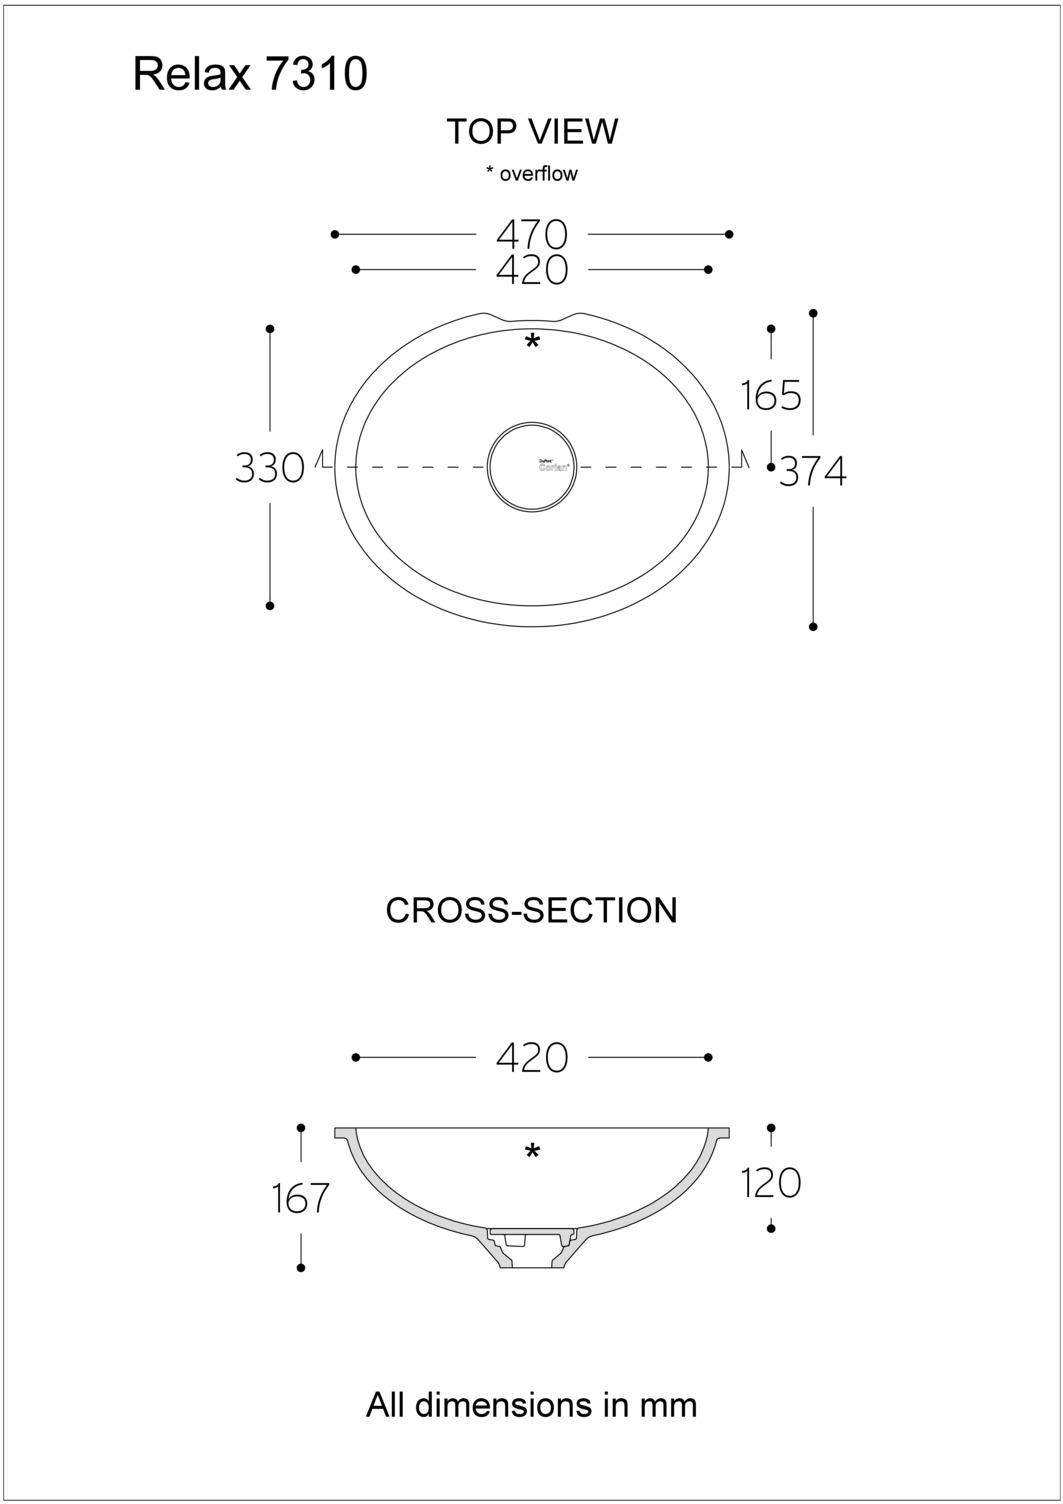 DUPONT_CORIAN_RELAX7310_2D_PDF[0]